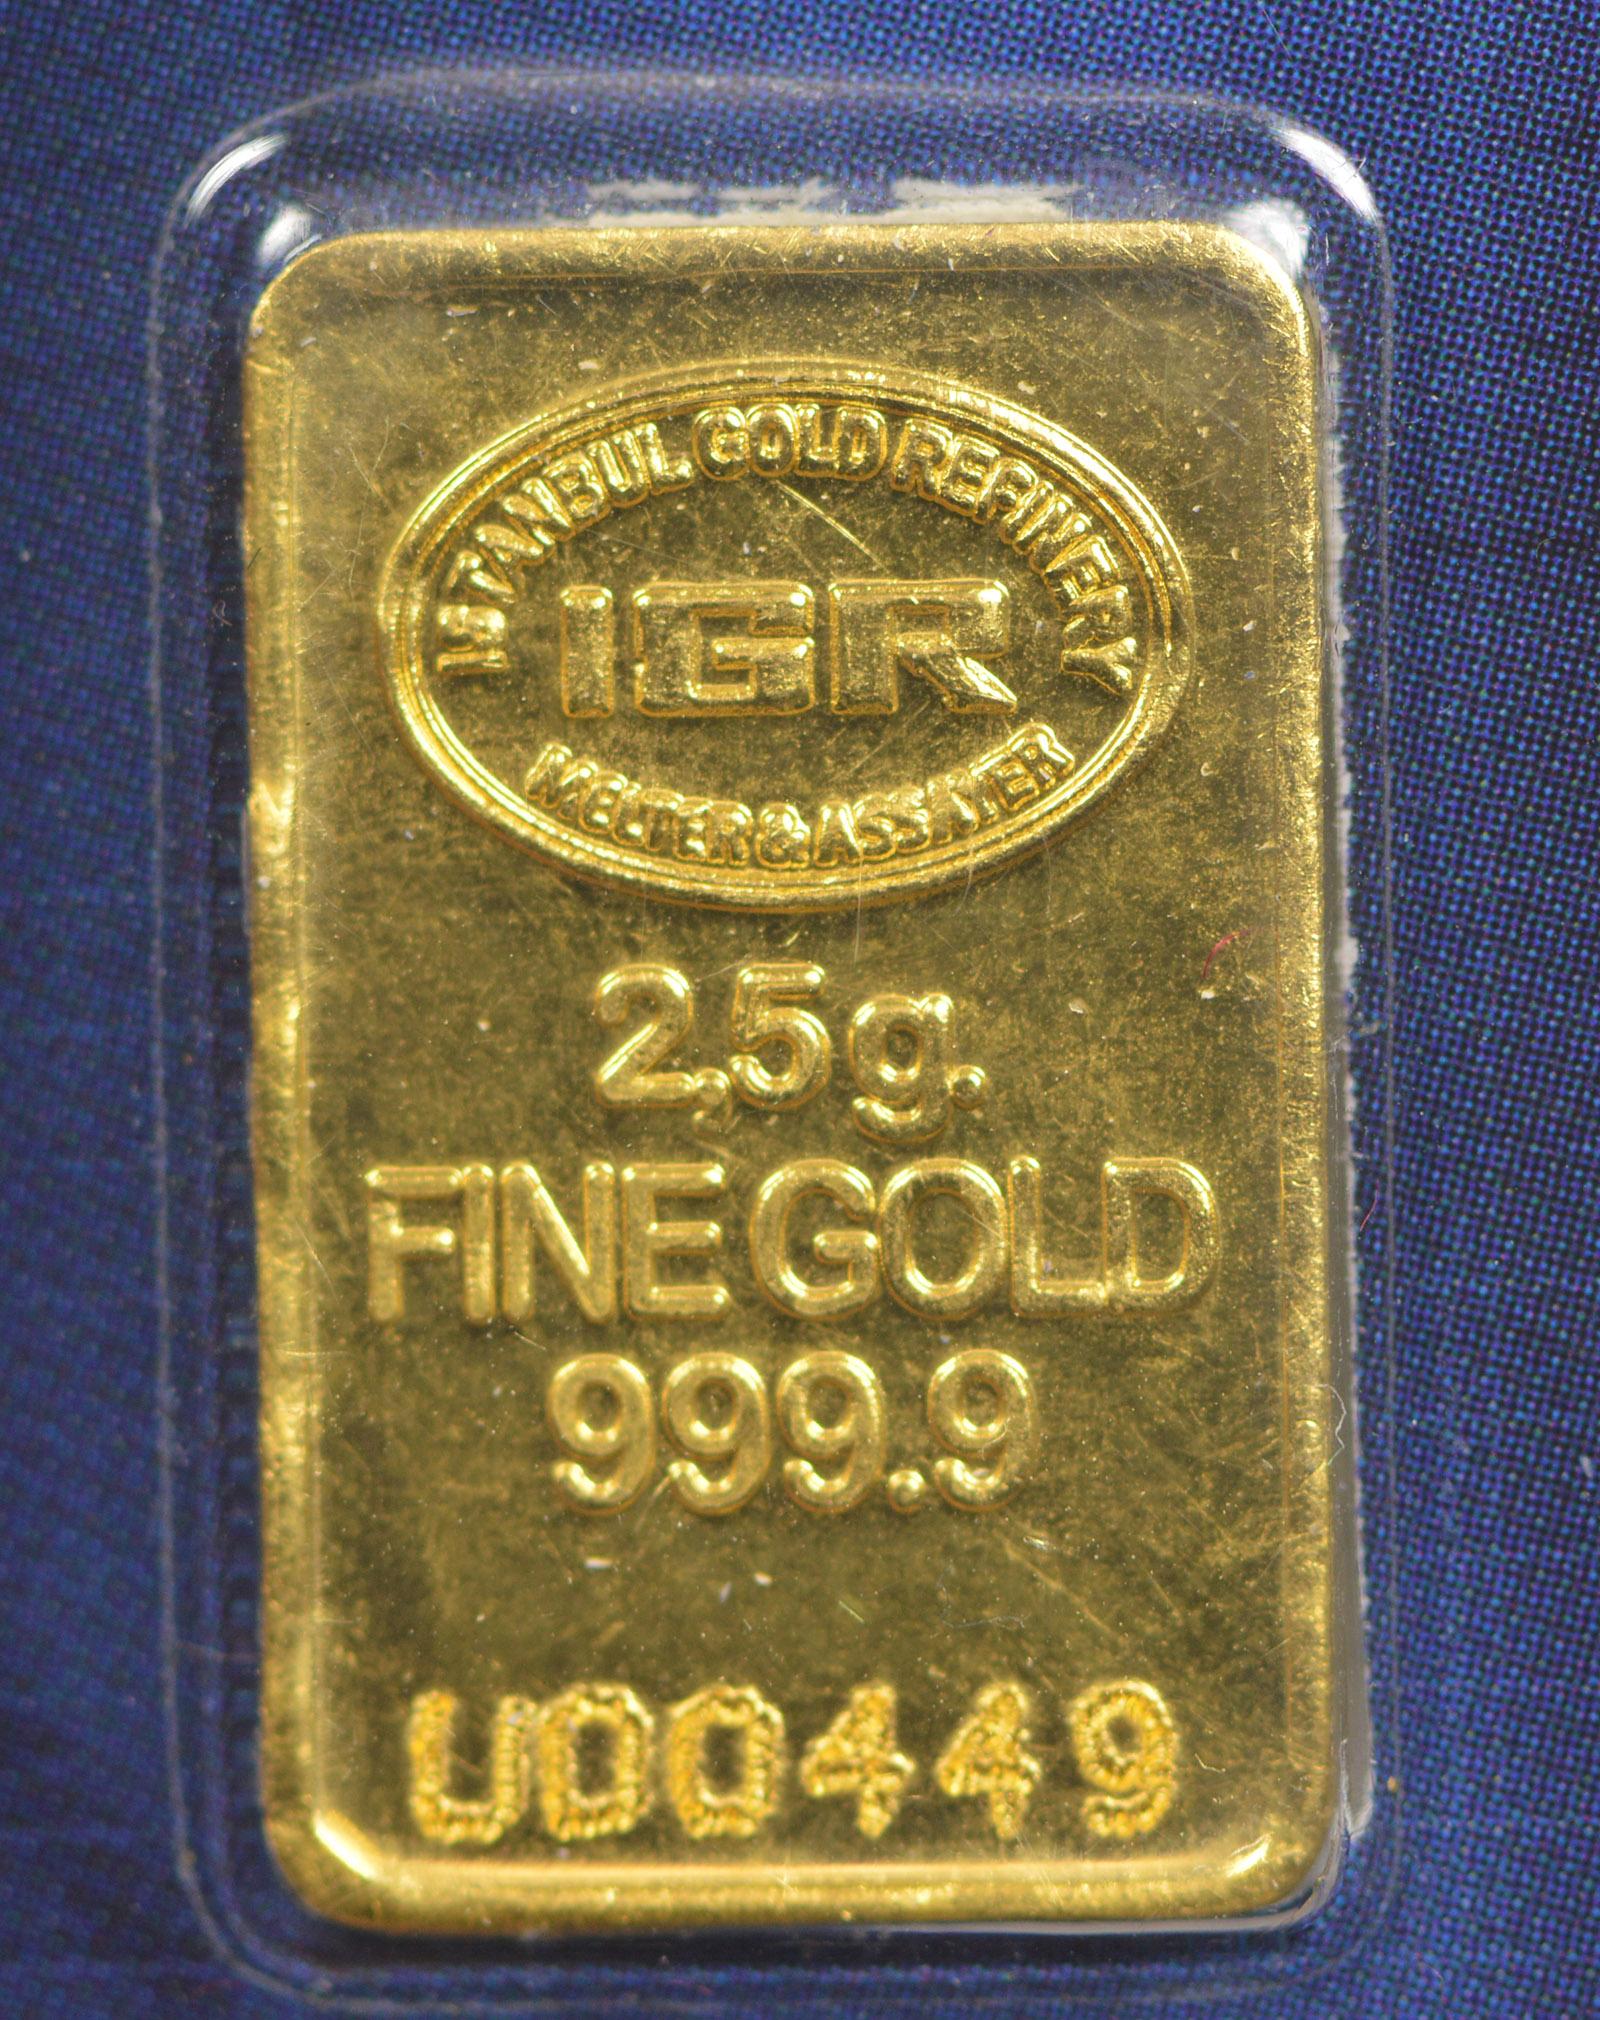 2 5 Gram 24k 9999 Pure Gold Bar Goldgram Sealed With